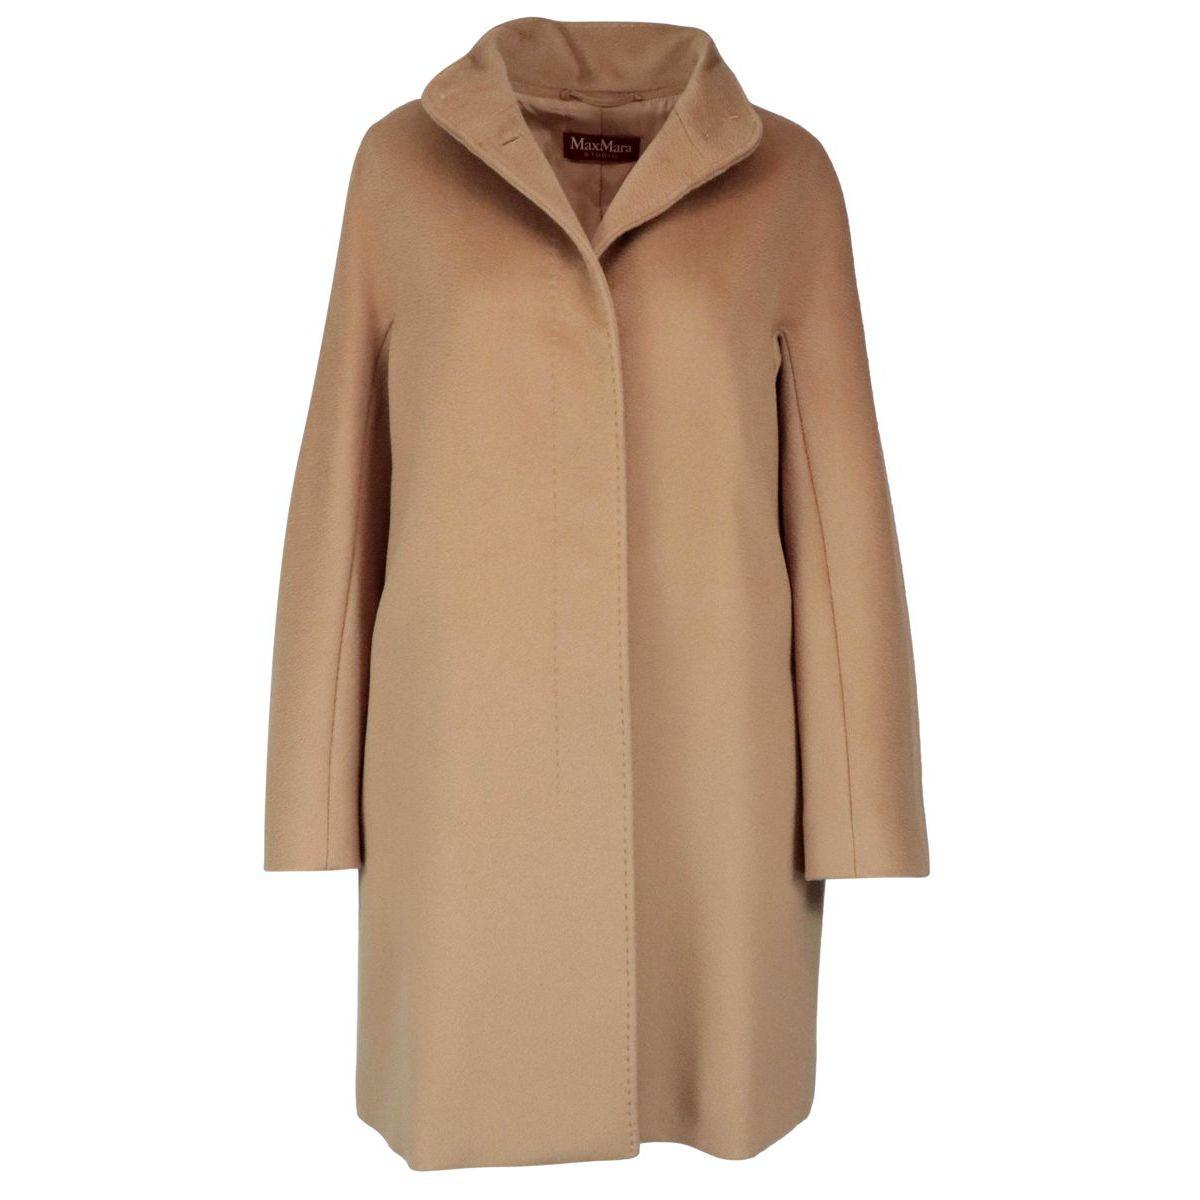 Coat with standing collar Zenit in virgin wool Camel MAX MARA STUDIO